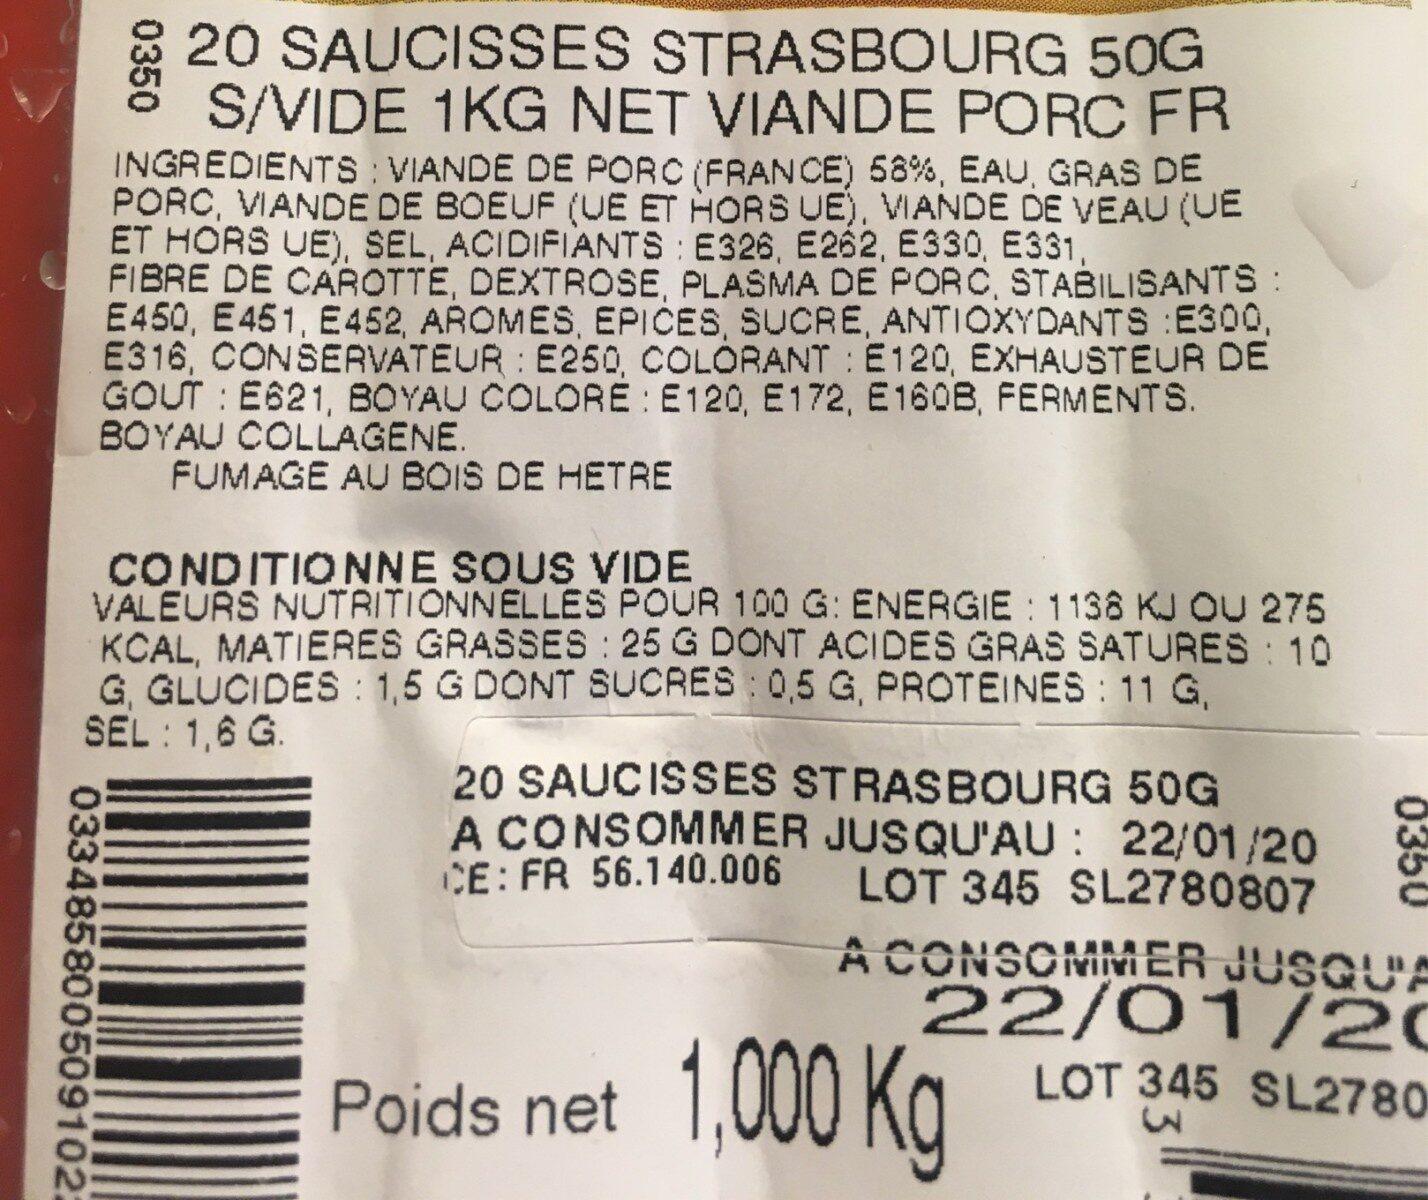 Saucisse strasbourg - Voedingswaarden - fr